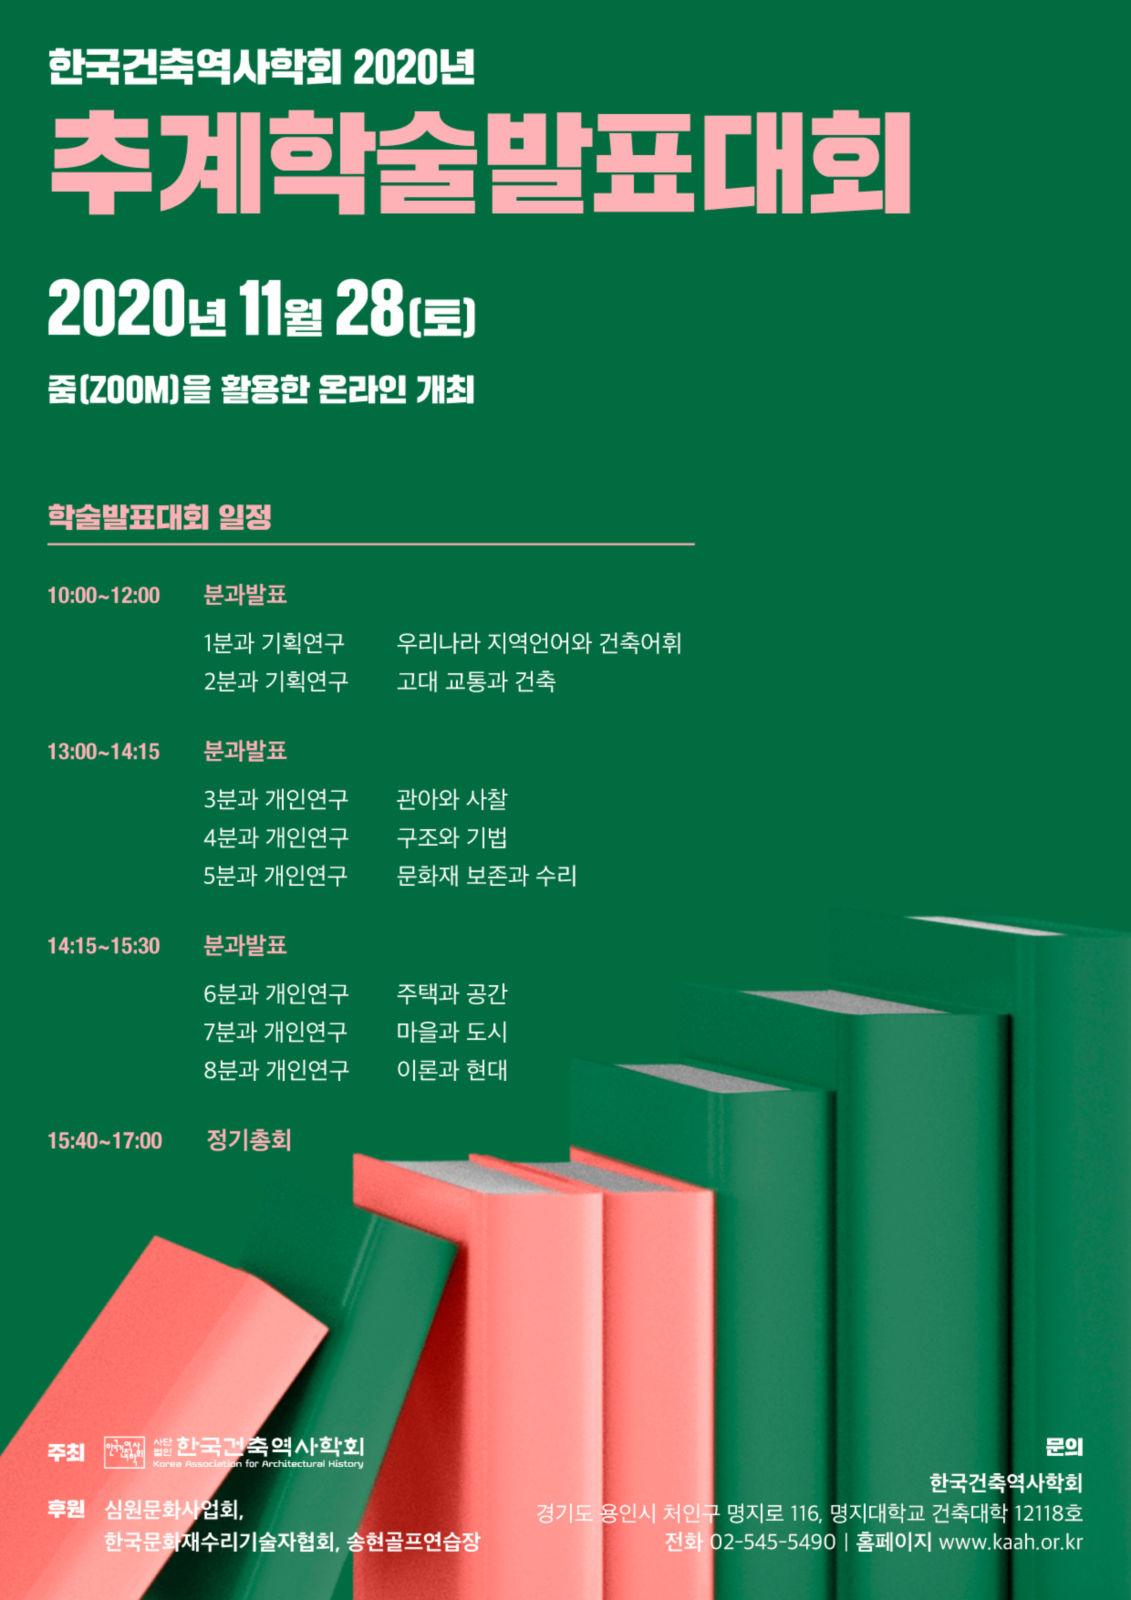 한국건축역사학회 2020년 추계학술발표대회 및 정기총회 종합안내